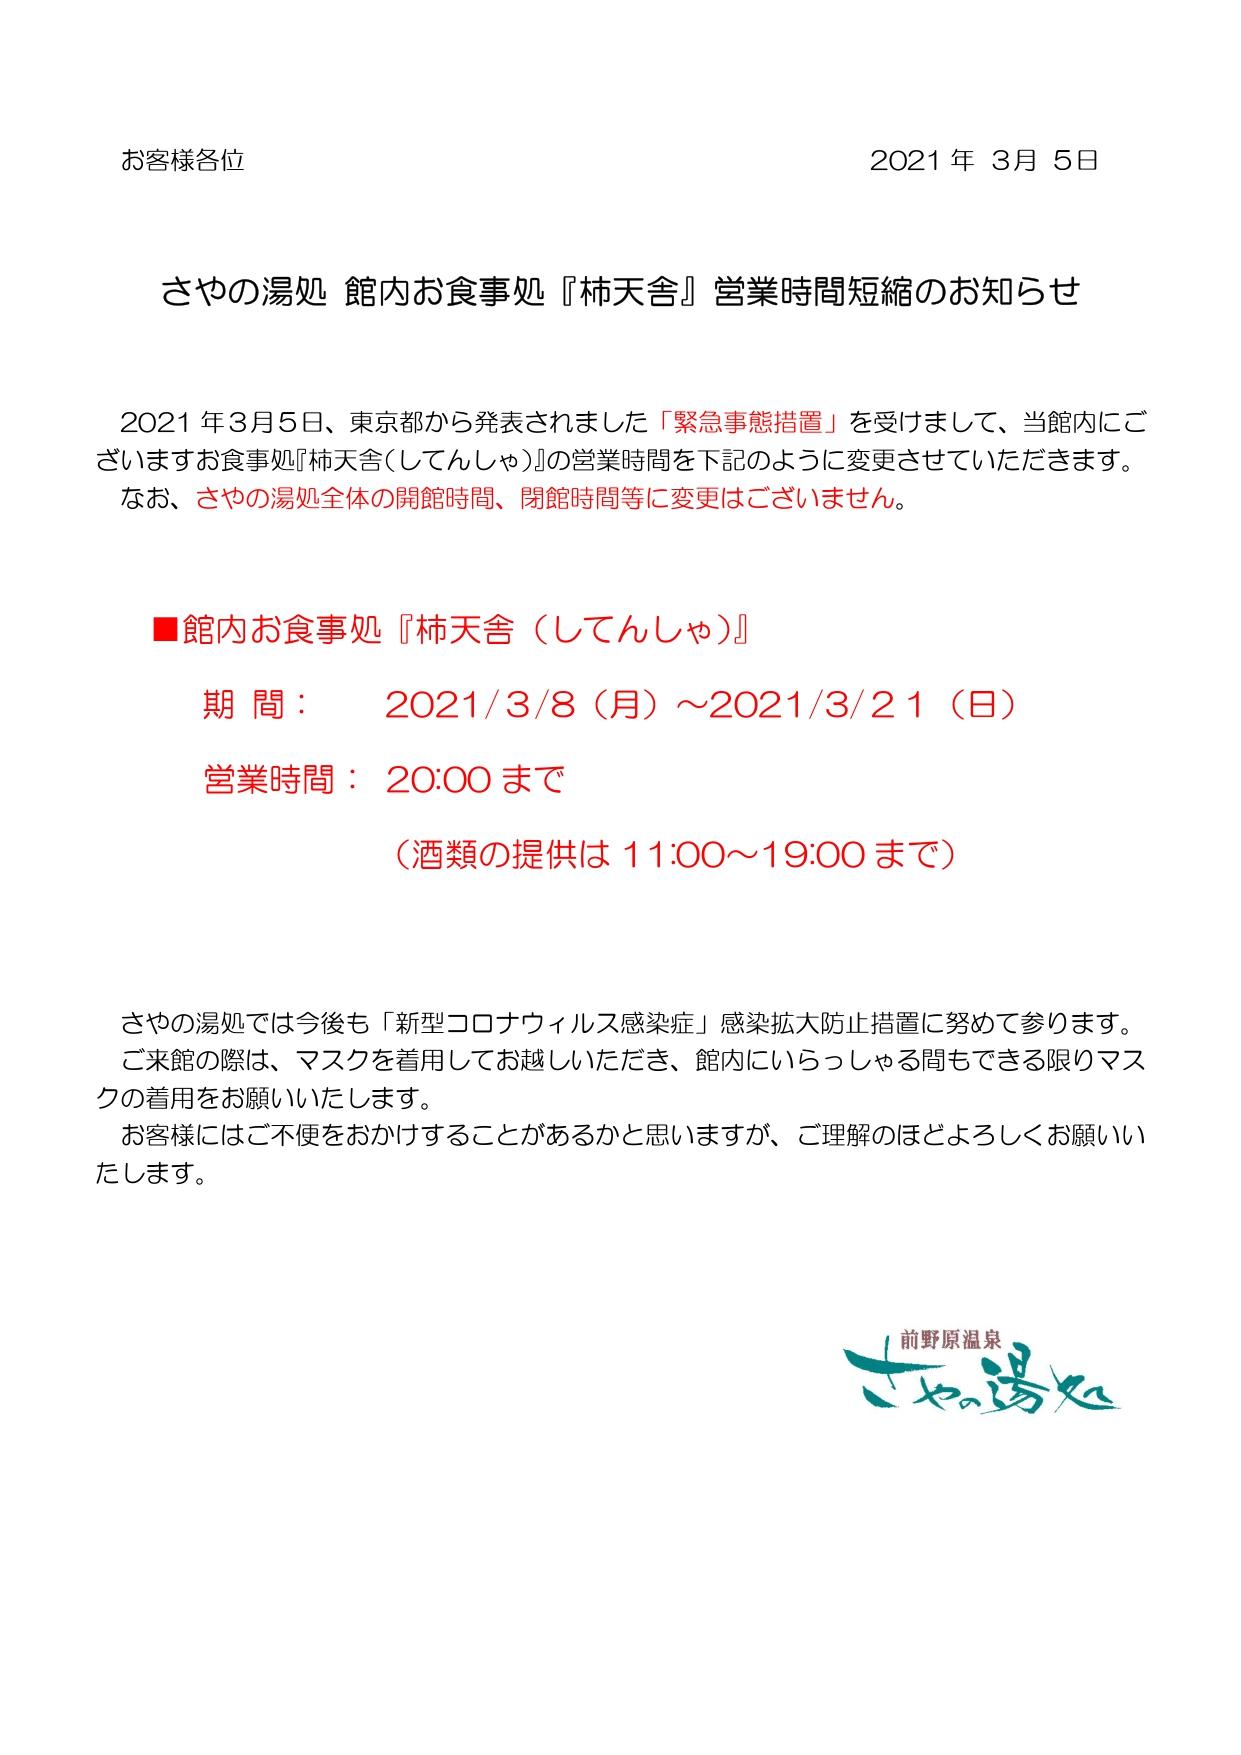 お食事処『柿天舎』営業時間短縮のお知らせ(3/21まで)